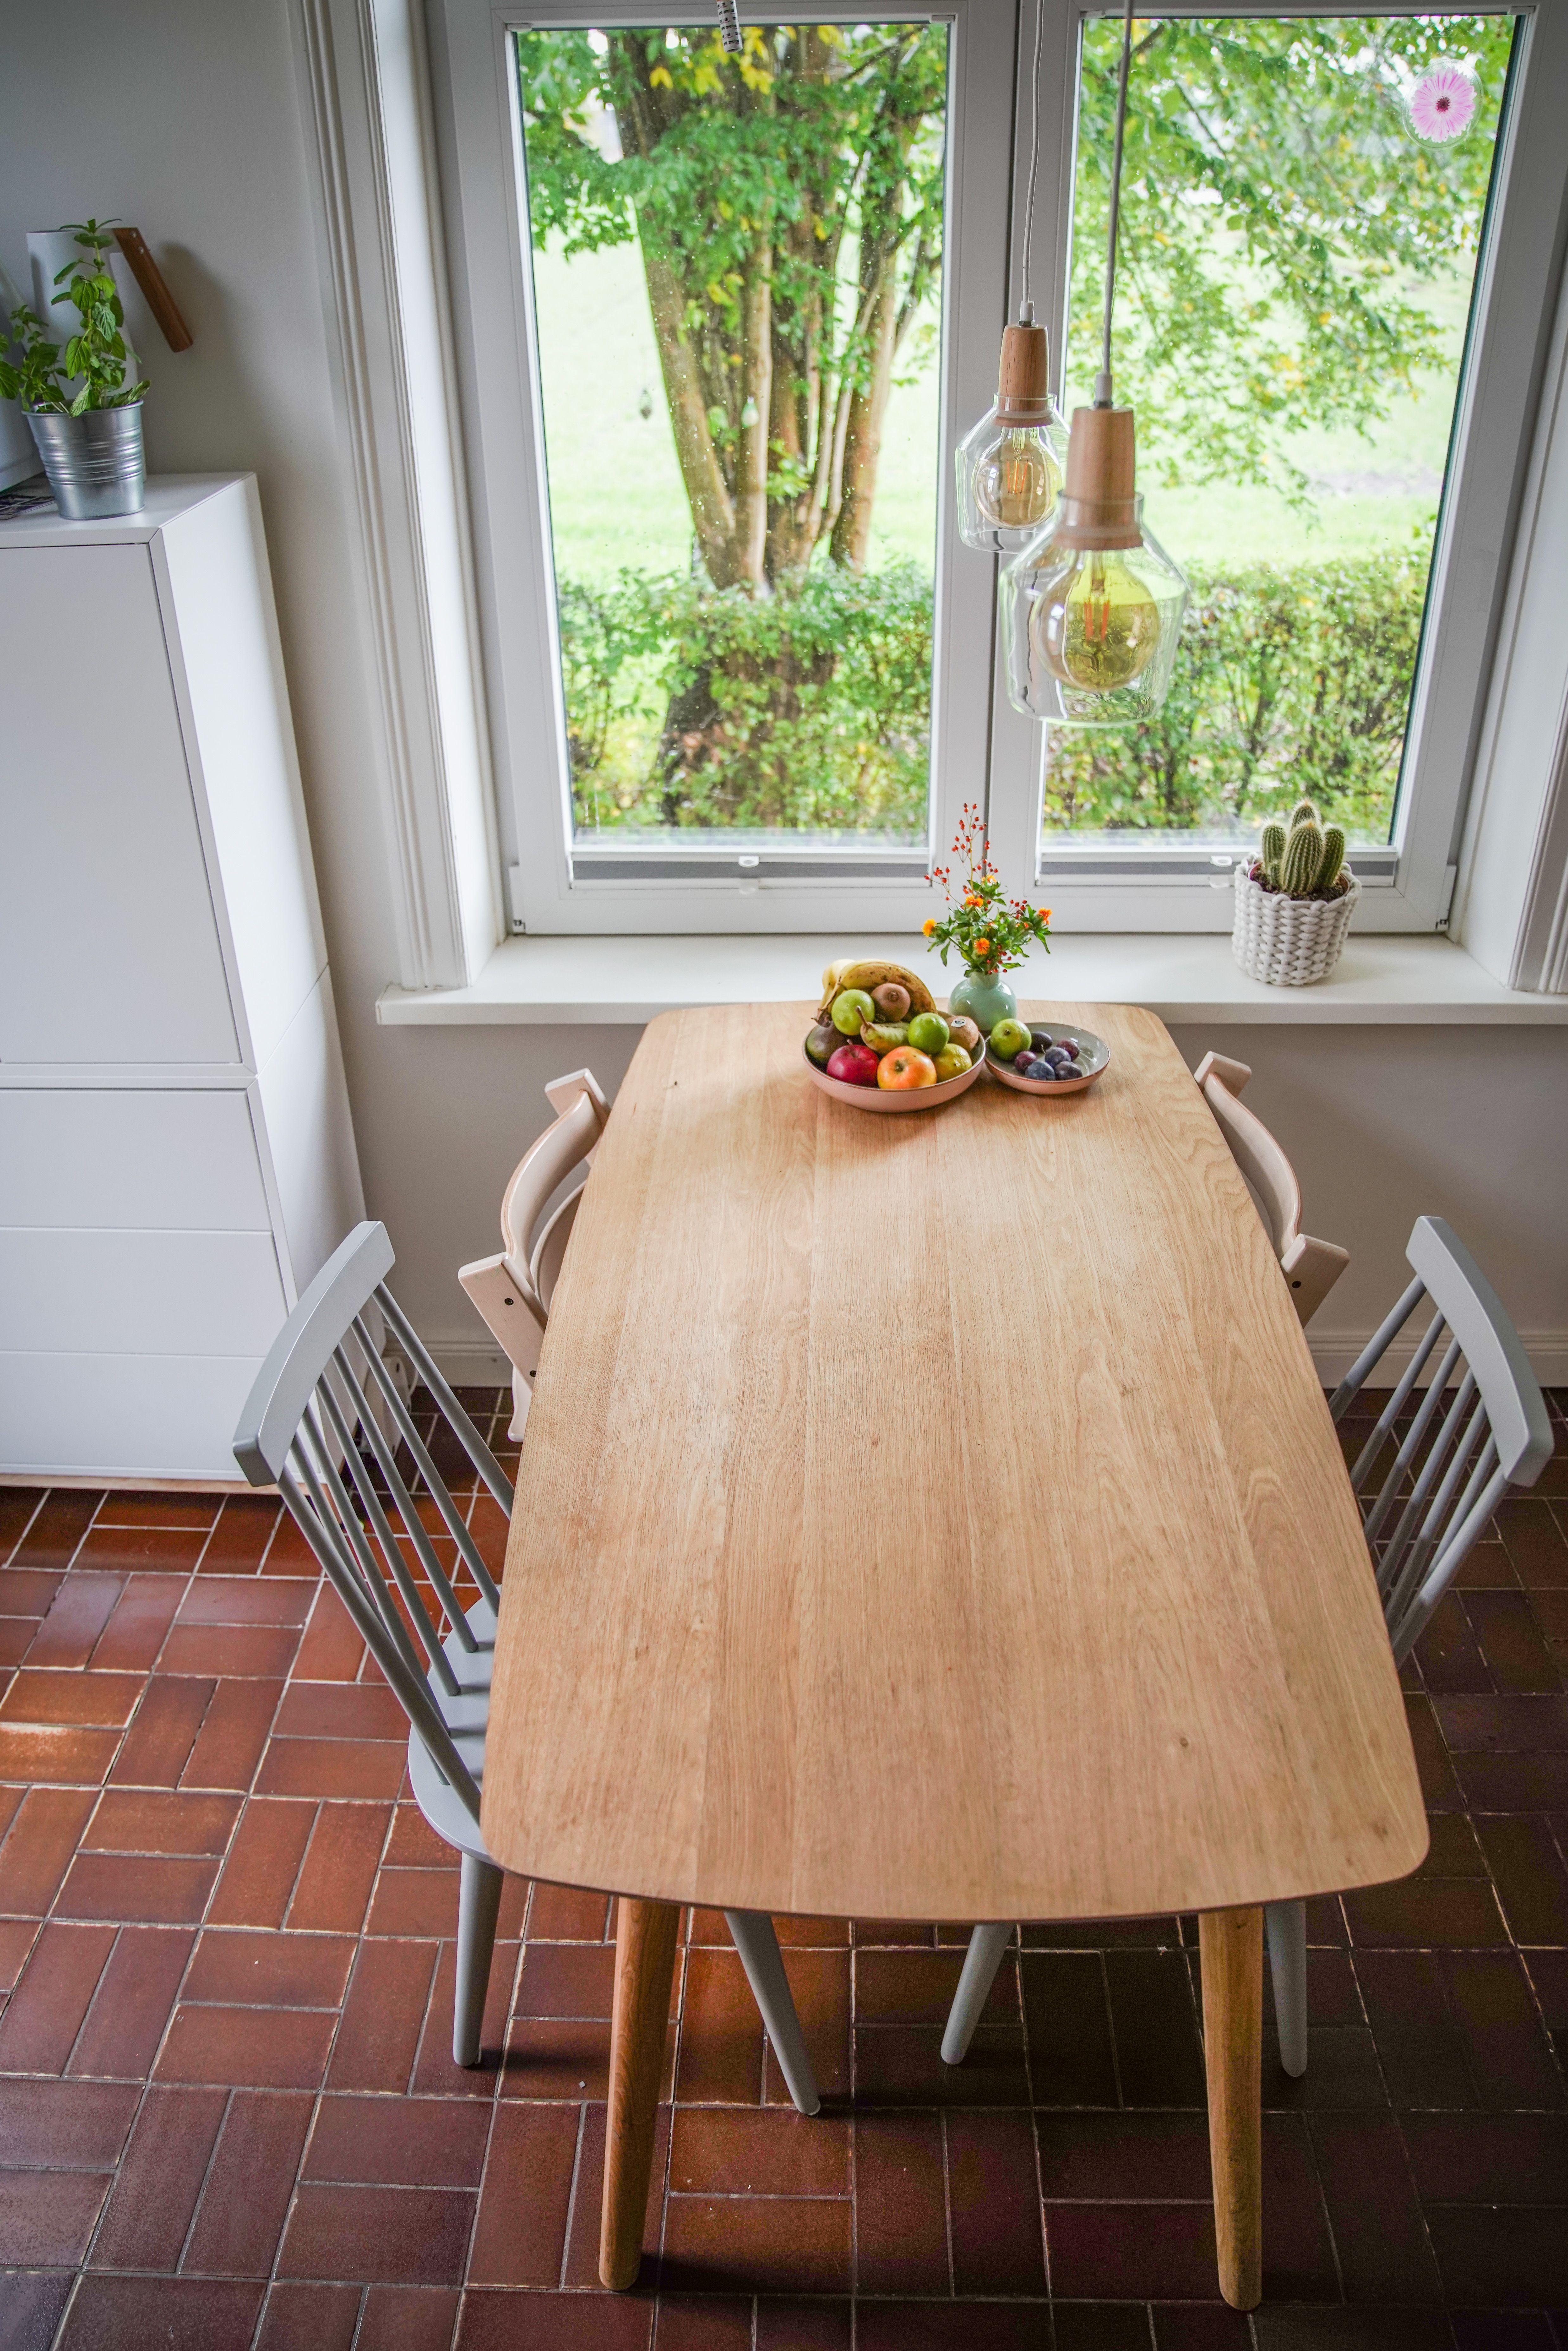 U Bahn Fliese Backsplash Küche Unser Holztisch Und Dir Grauen Holzszühle In  Meiner Skandinavischen